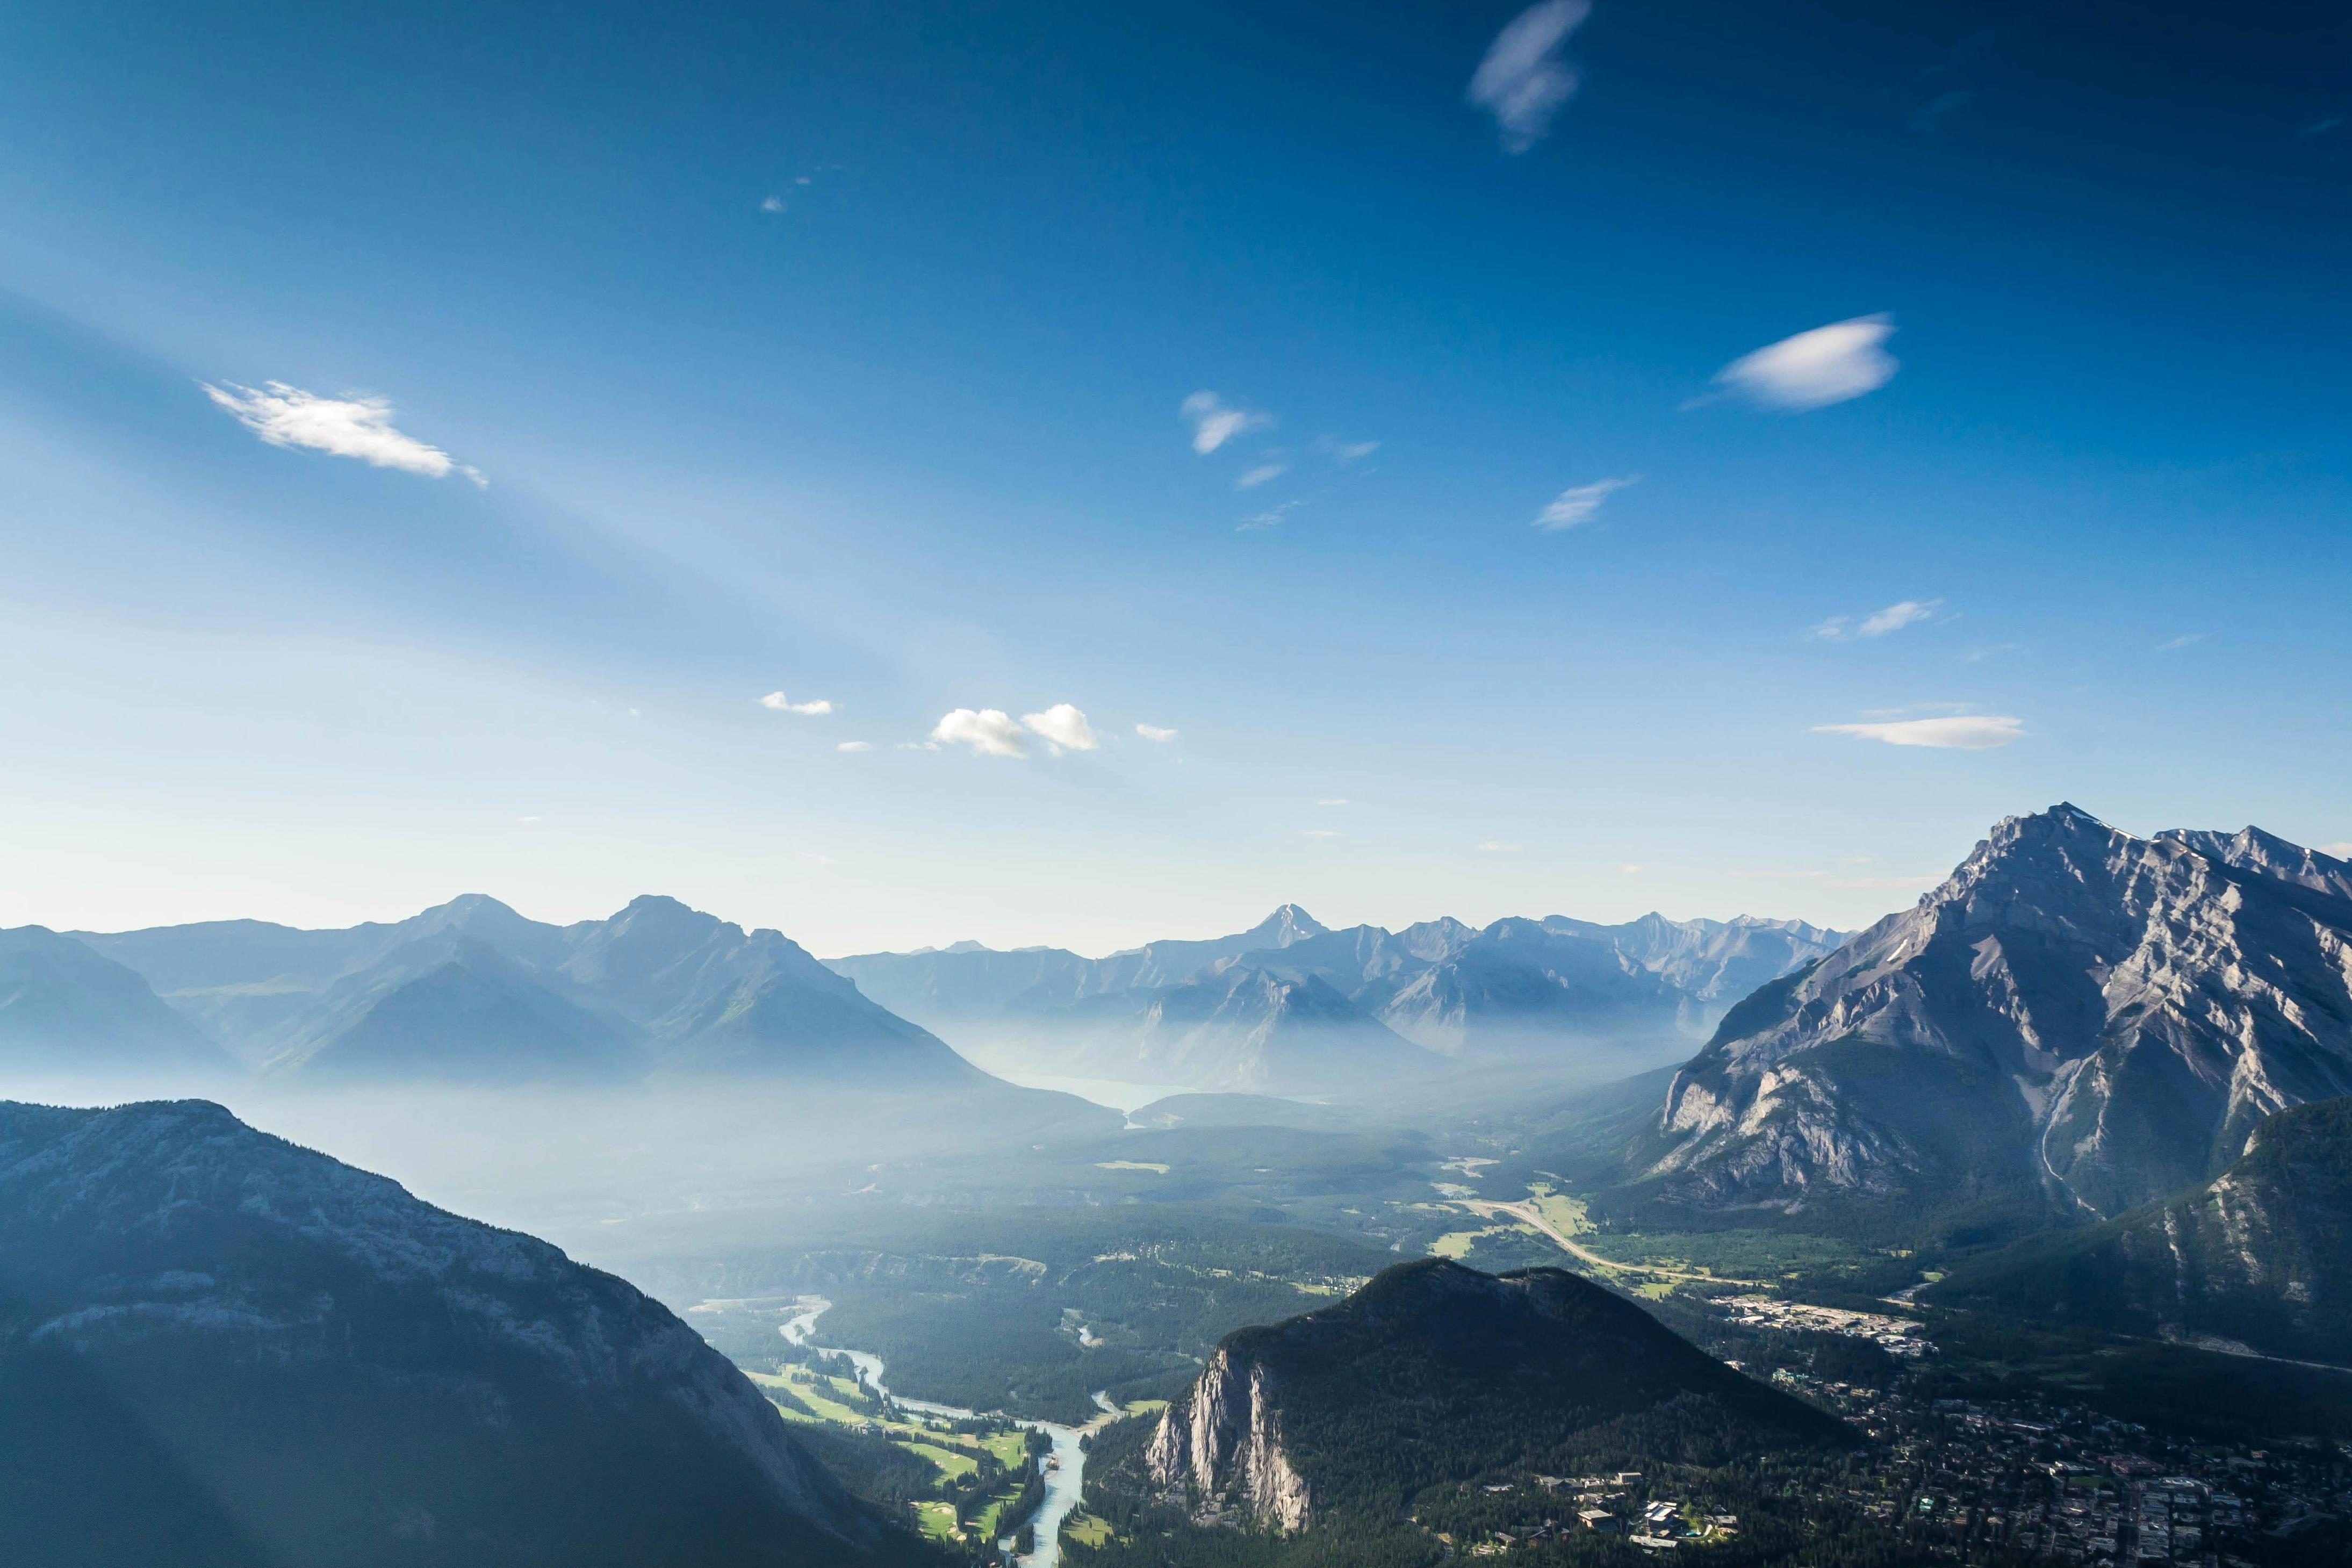 Bildergebnis für berge blauer himmel